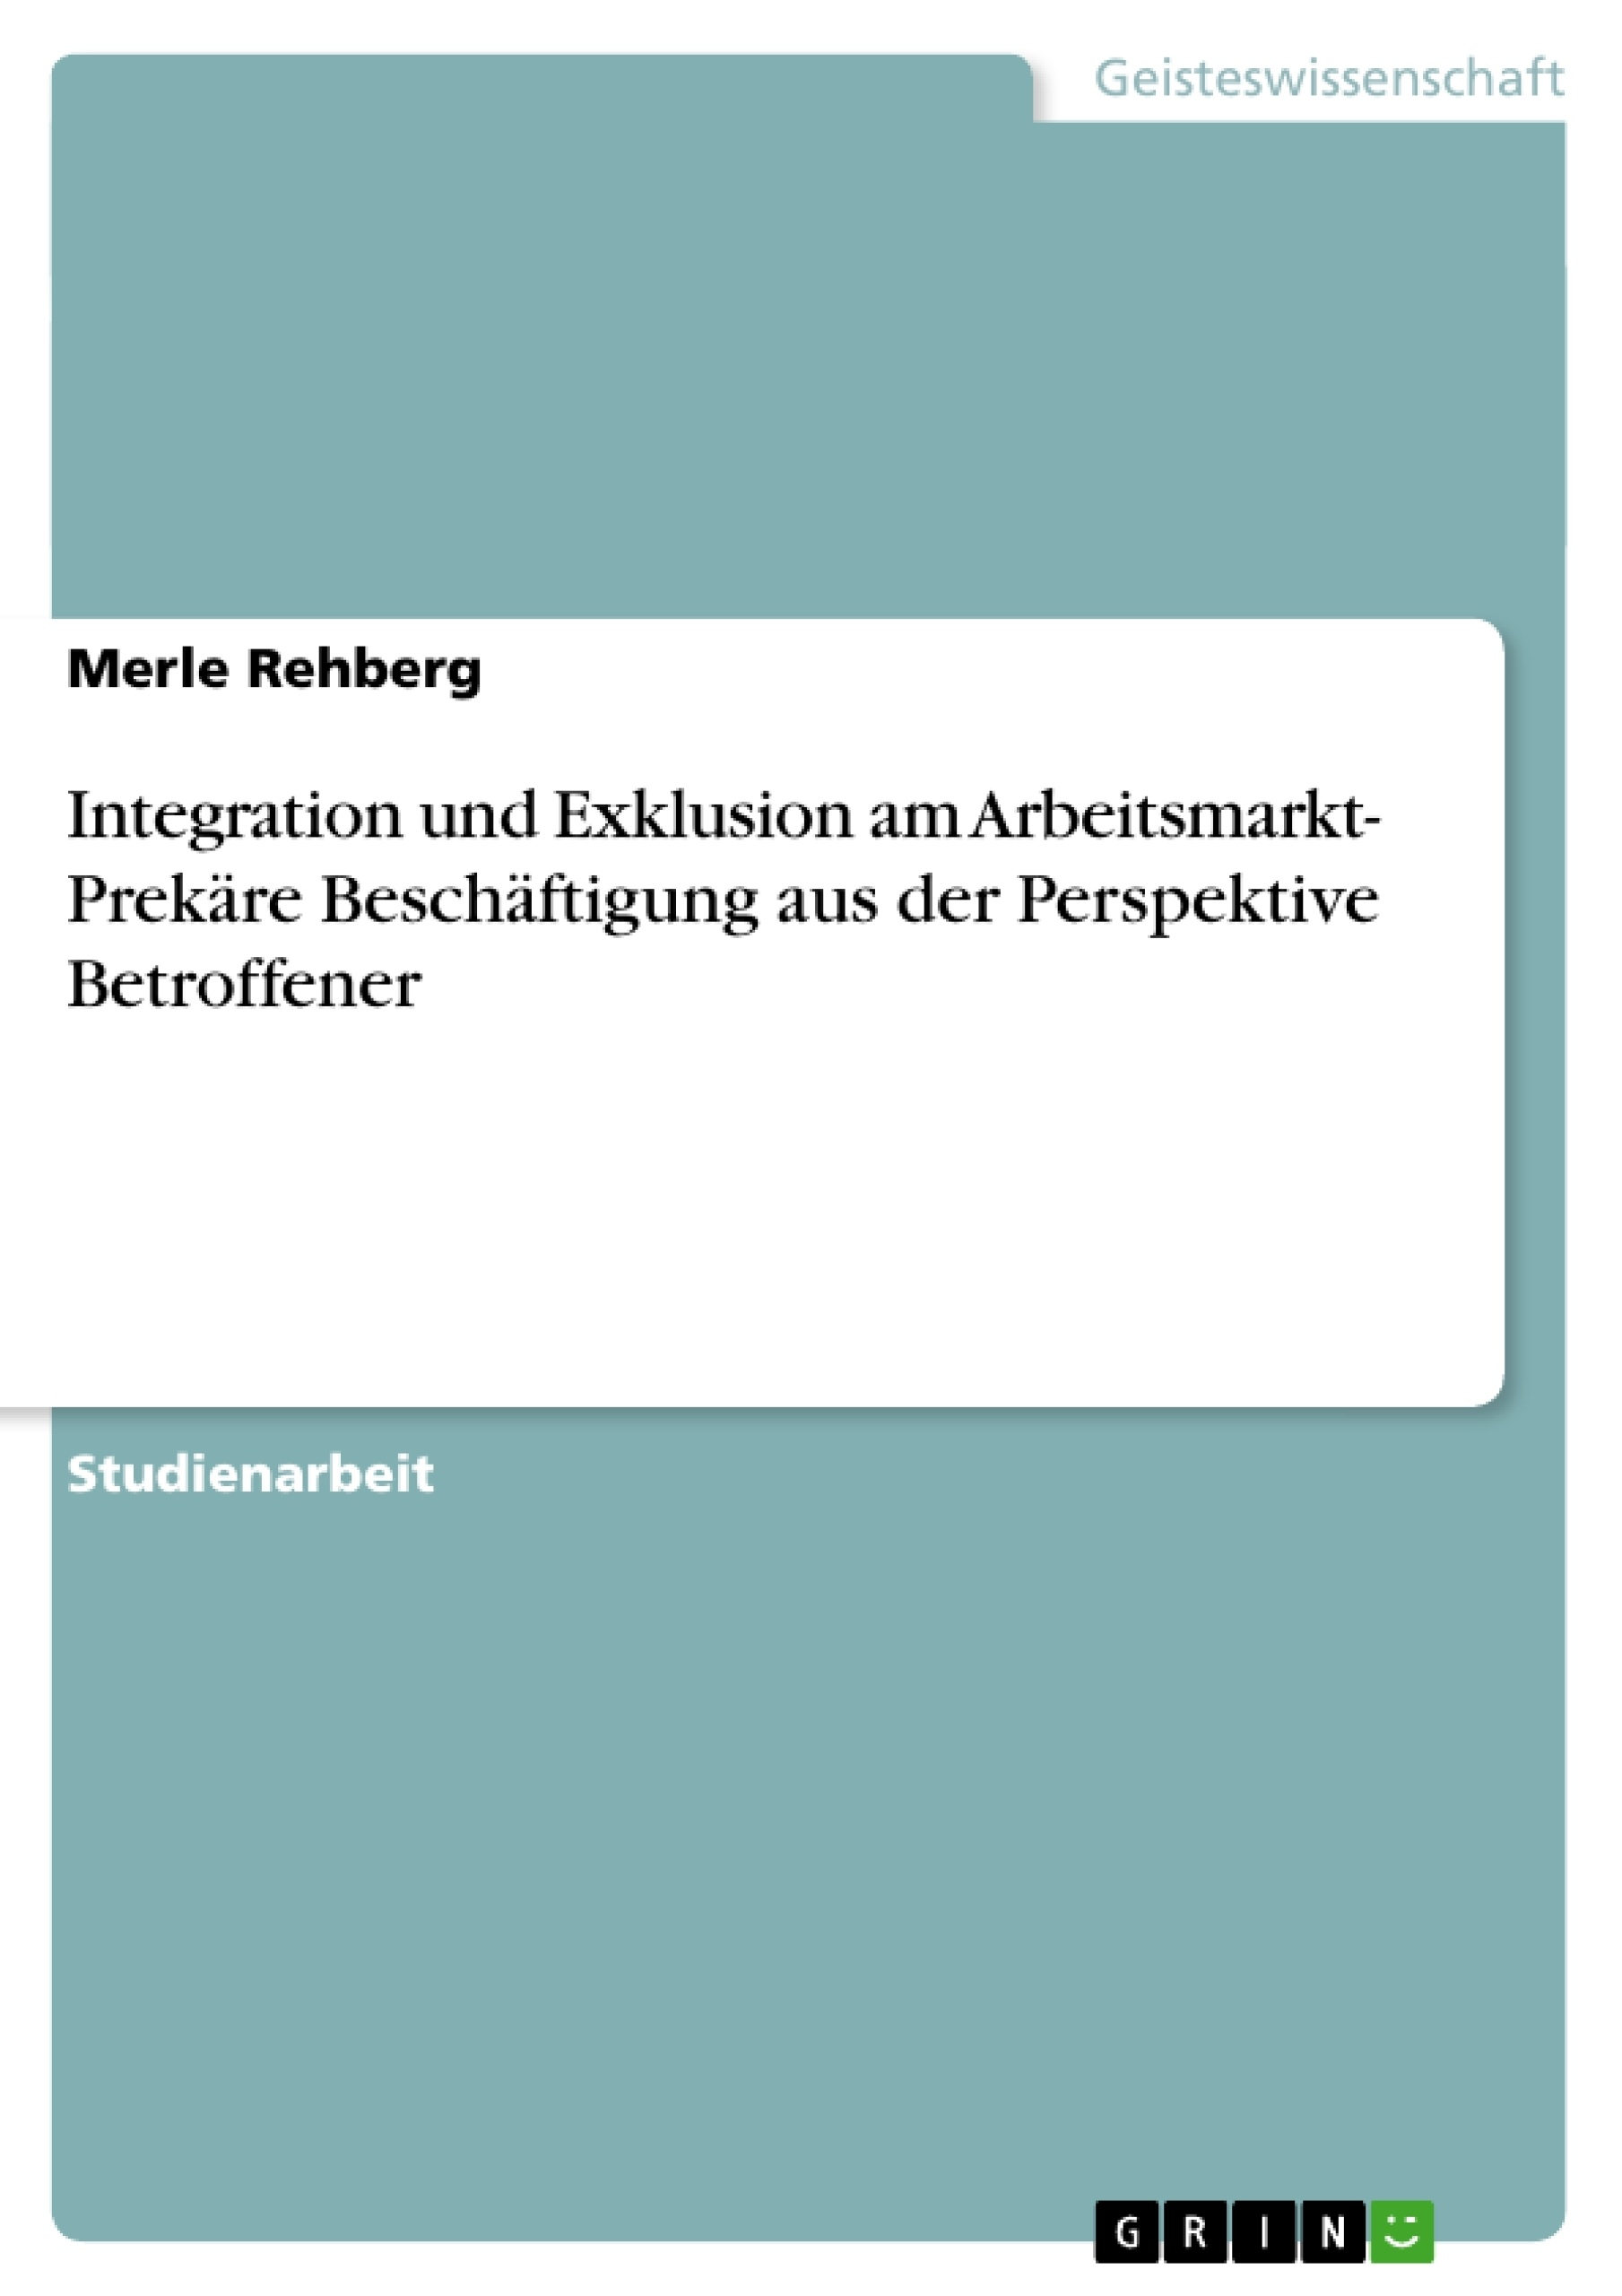 Titel: Integration und Exklusion am Arbeitsmarkt- Prekäre Beschäftigung aus der Perspektive Betroffener